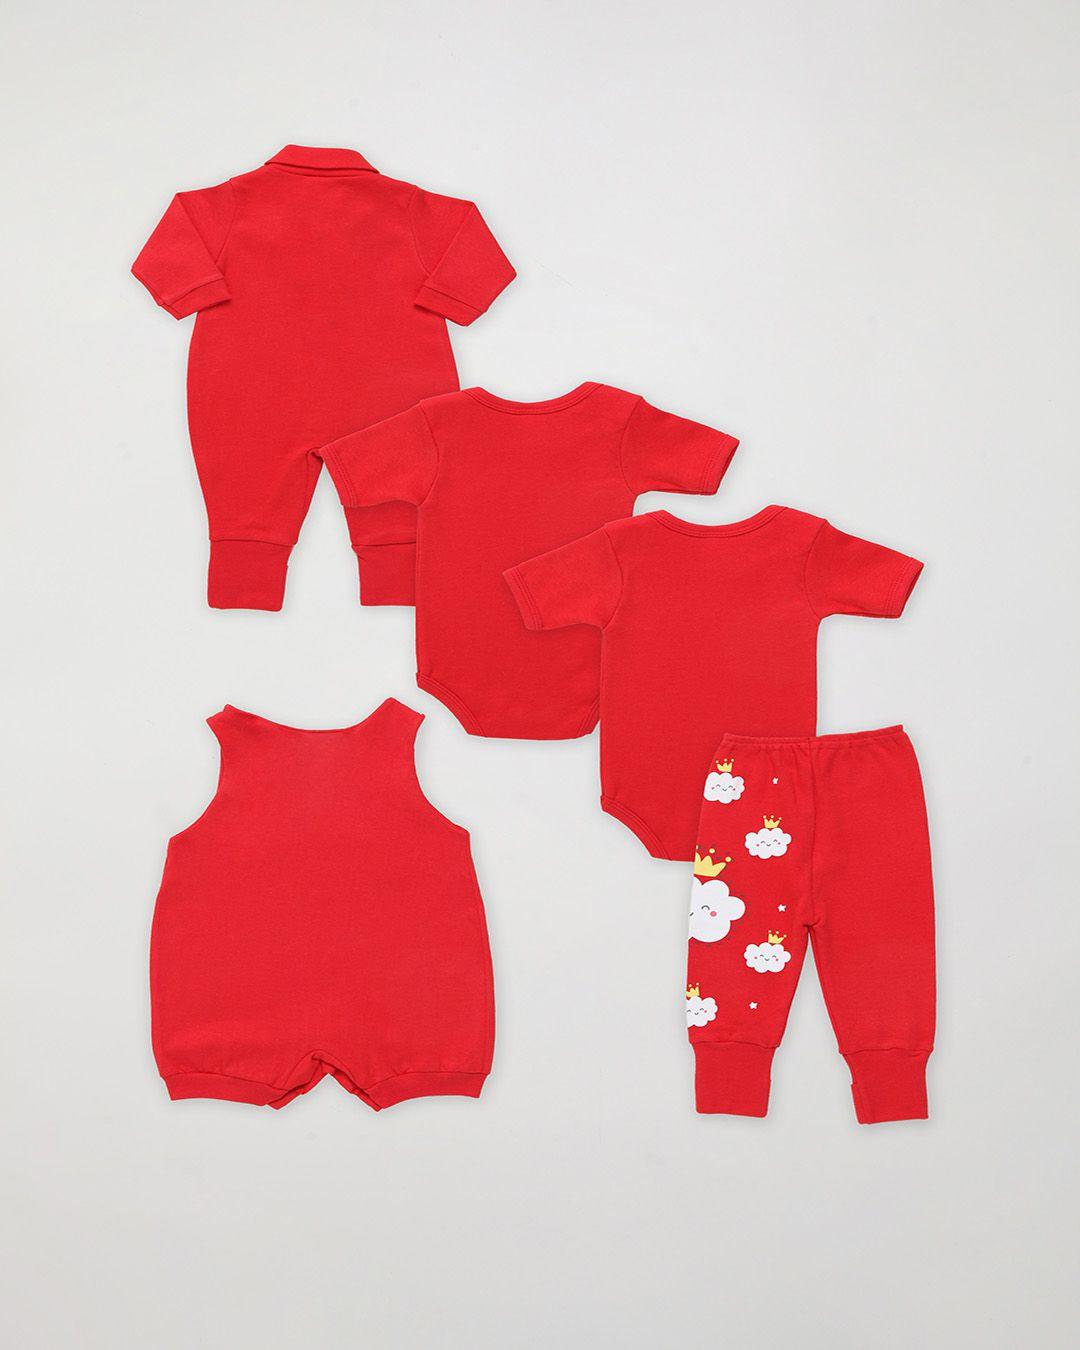 Kit Body Bebê com 5 Peças menina Vermelho Nuvens - Estampa sortida